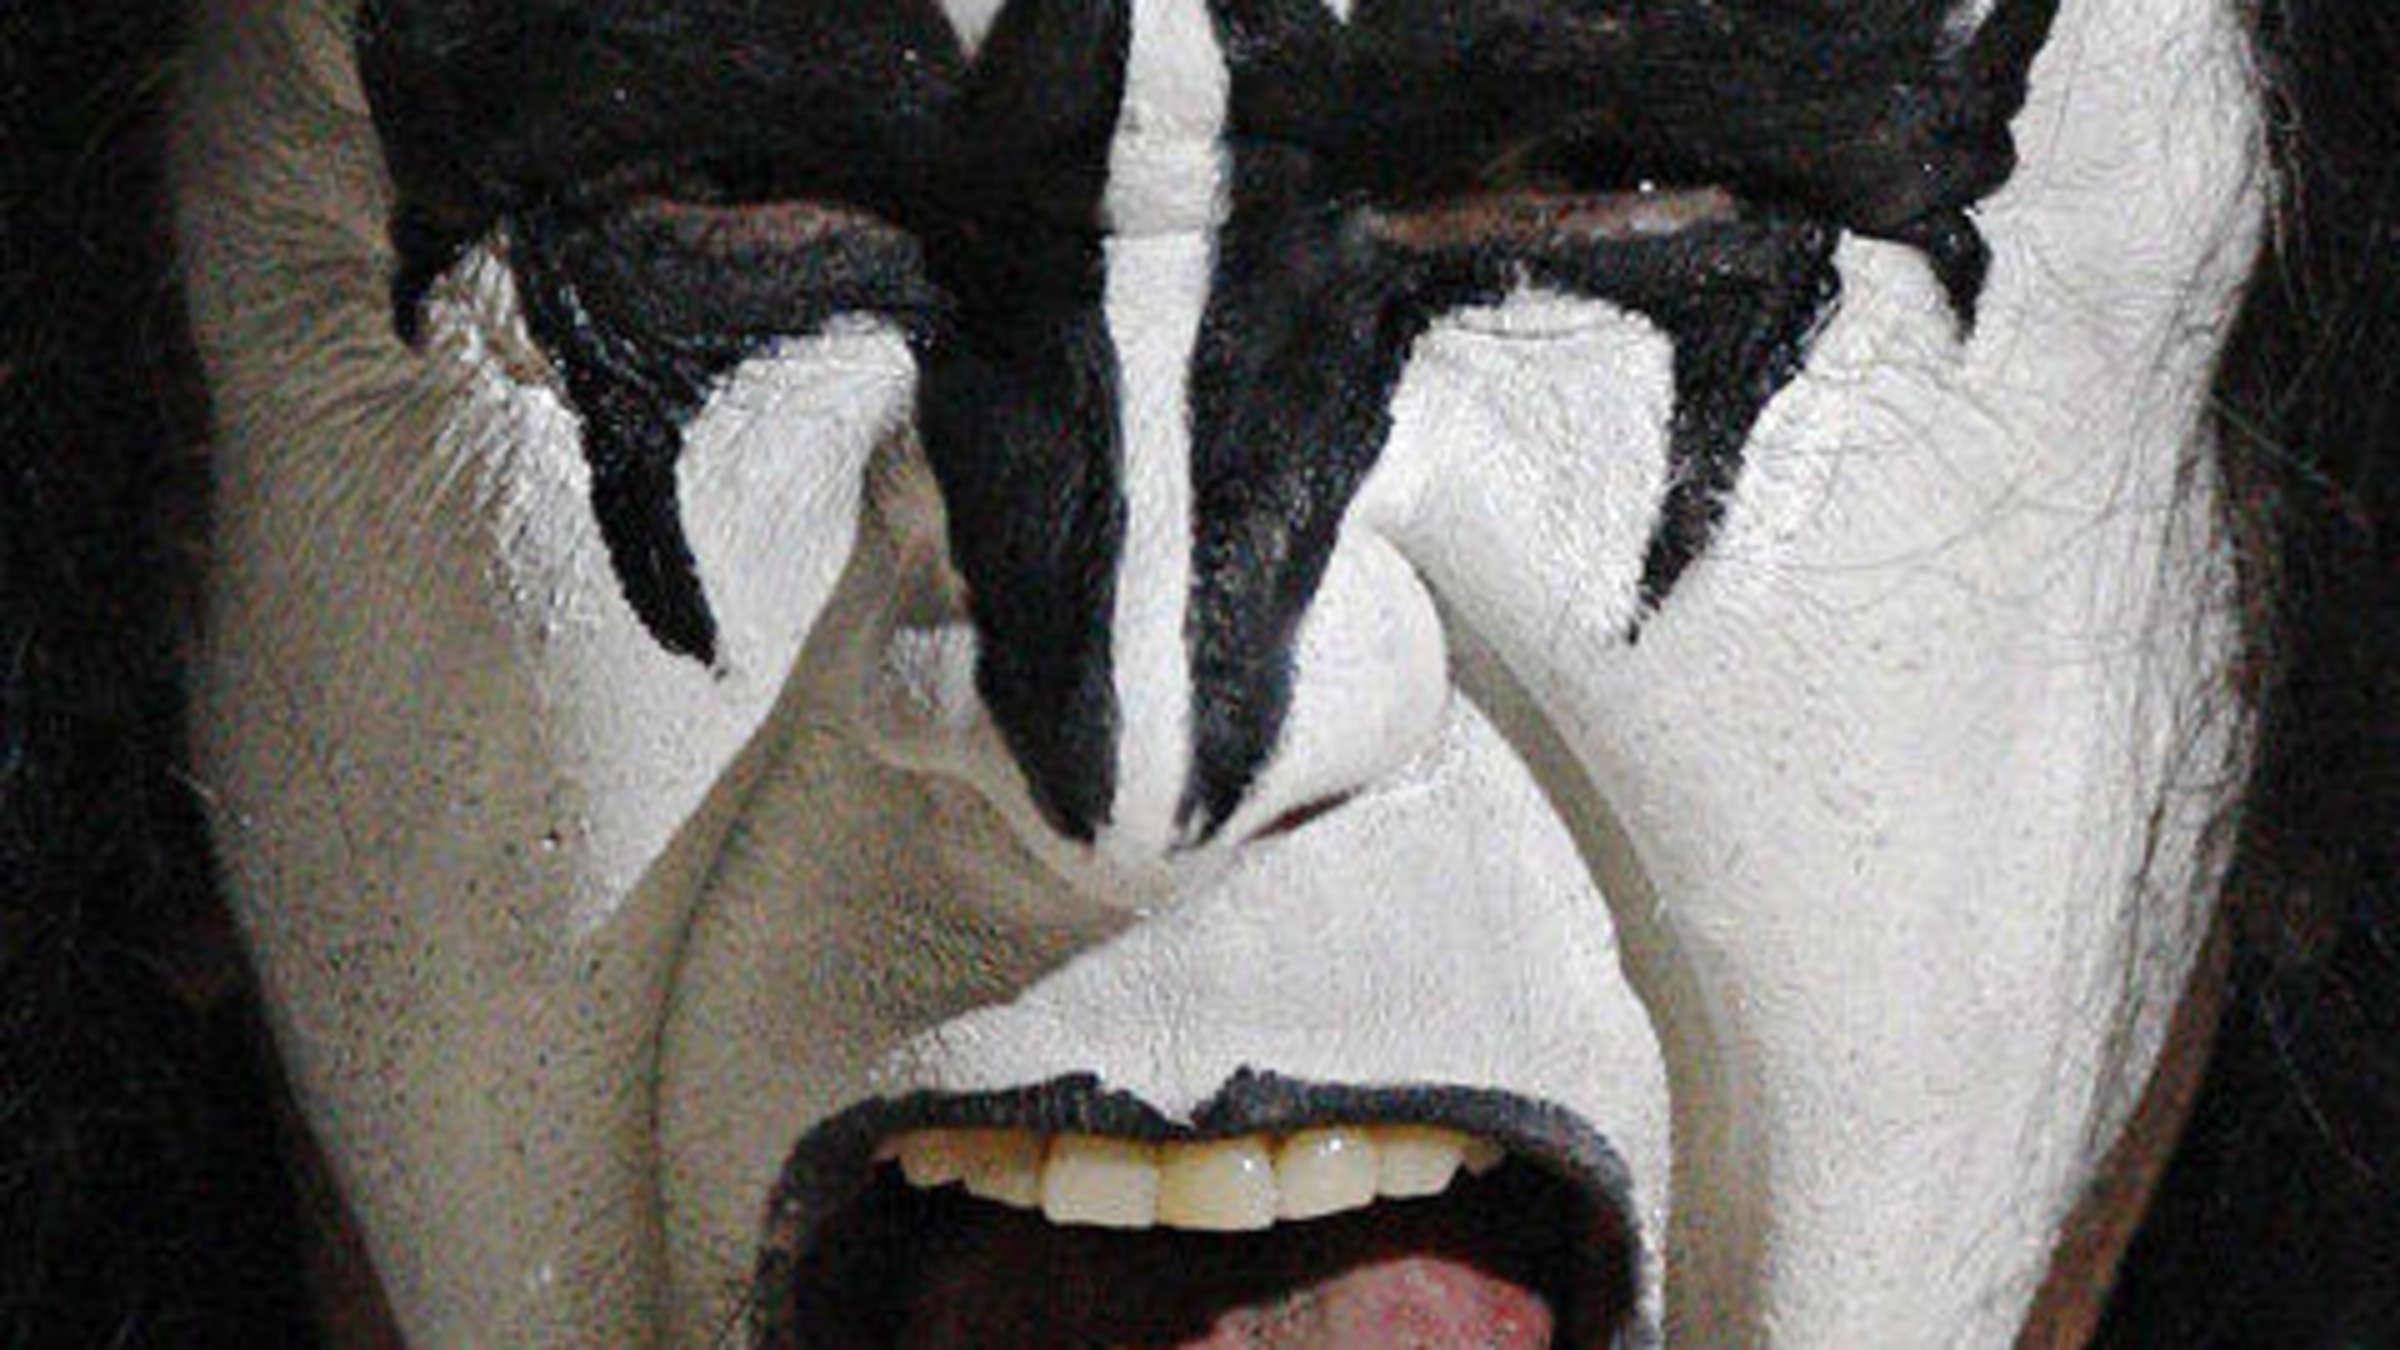 Zunge grau belegte Zungenbelag: Das